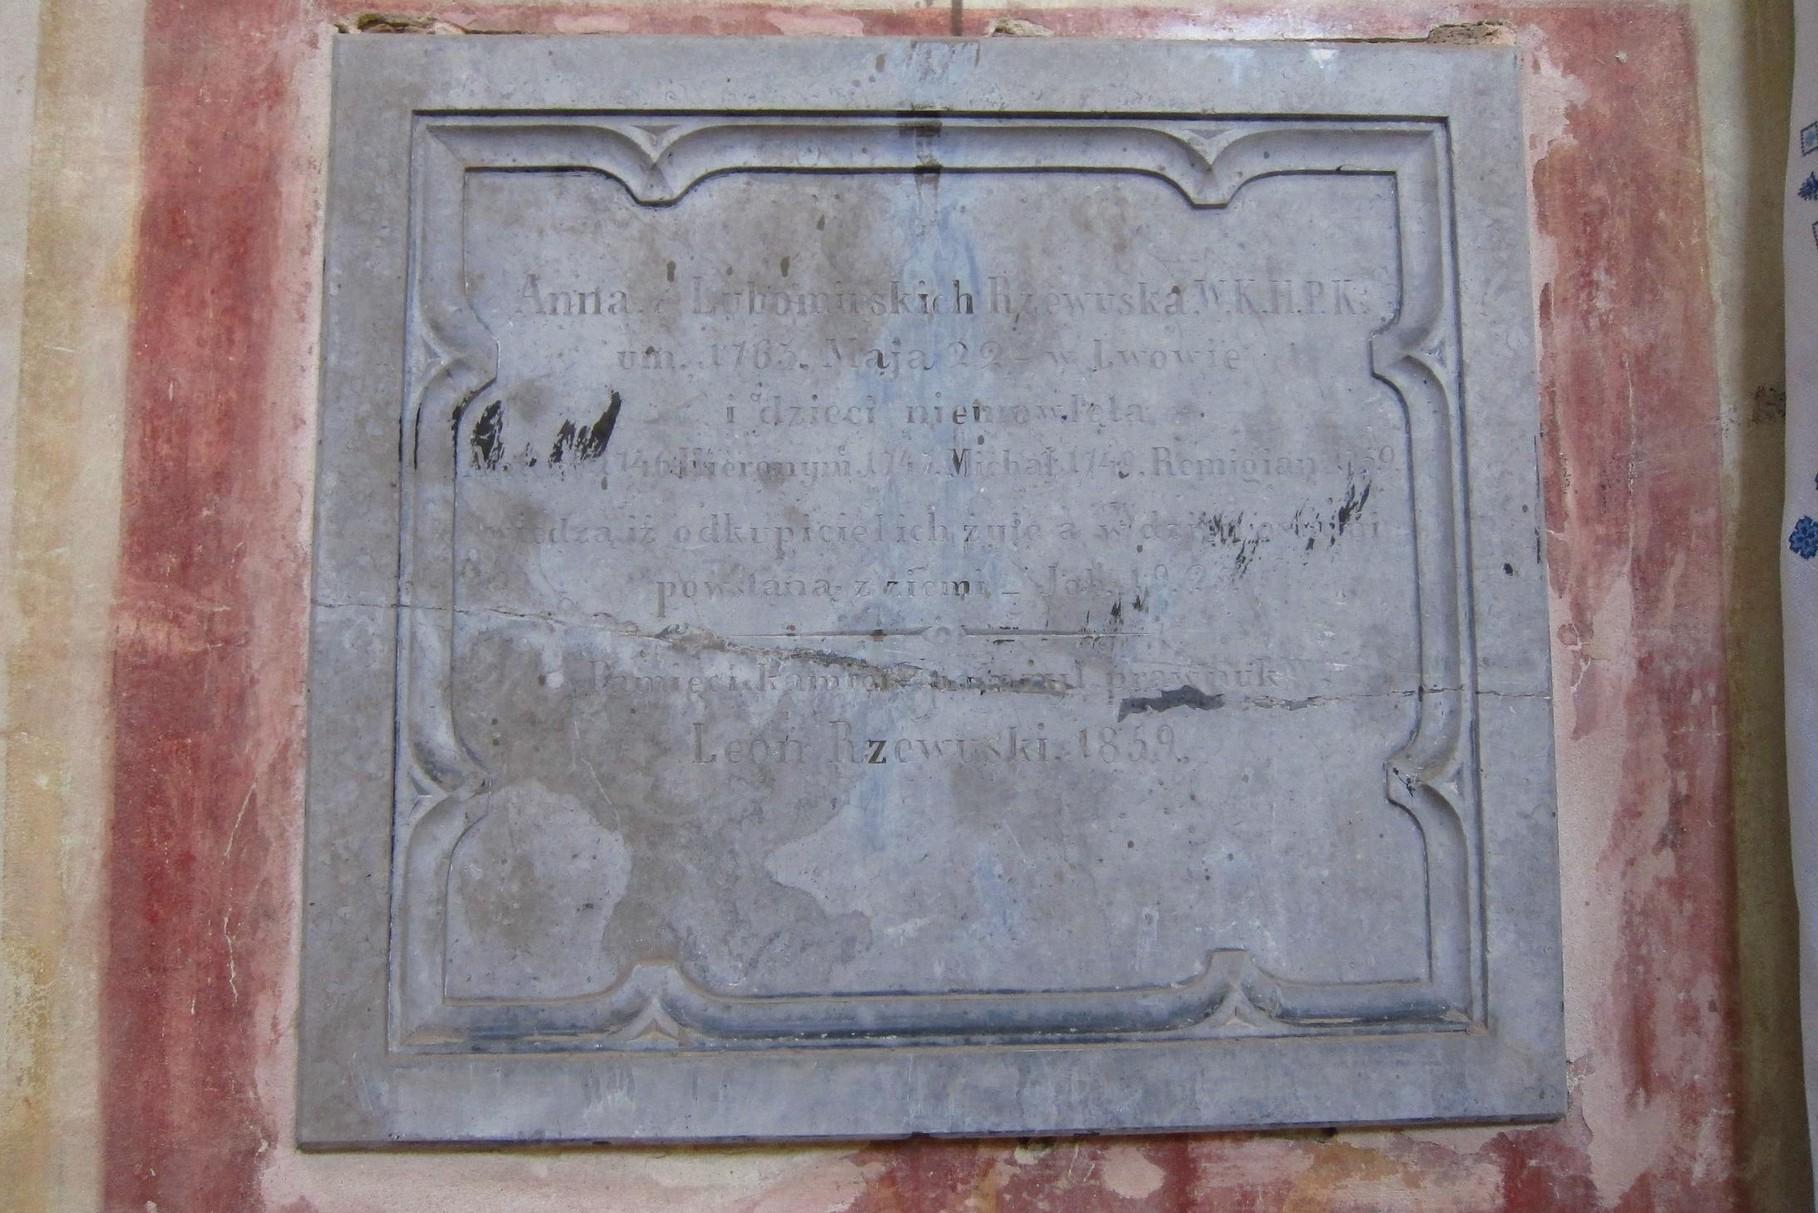 Мармурова таблиця від Леона Жевуського (правнука), встановлена в1859 році, та присвячена Анні з Любомирських Жевуській, яка померла 22 травня в 1763 році в Львові, від онуків та правнуків Хероніма, Міхала, Ремігона.